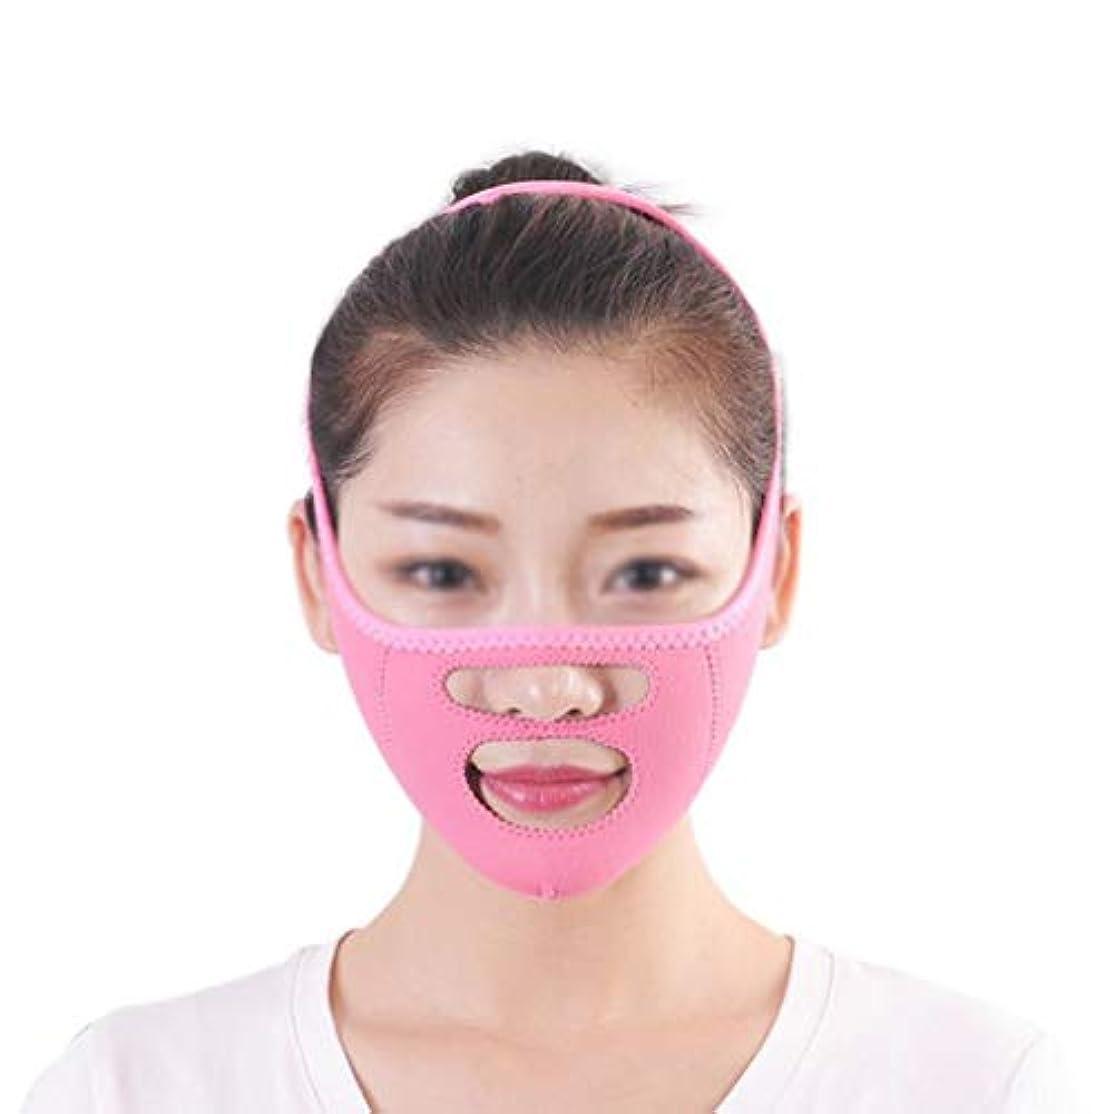 比類なき開始広くZWBD フェイスマスク, 薄い顔のアーティファクト包帯Vの顔薄い咬筋補正Vの顔のアーティファクトを整形して、身体の健康の引き締めを改善する